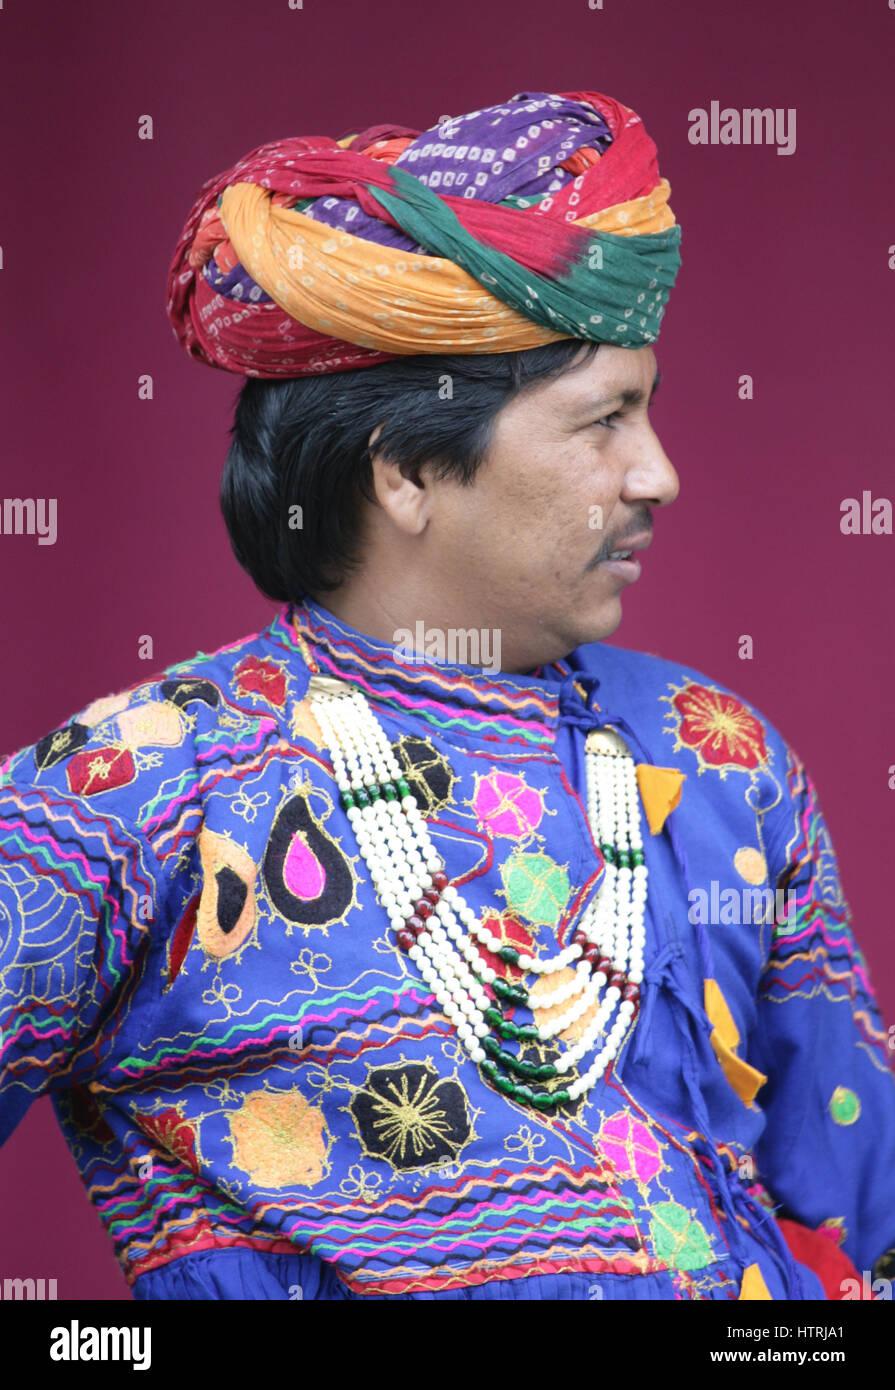 L Homme Indien Vetu De Costumes Colores Et Coiffure Full Frame